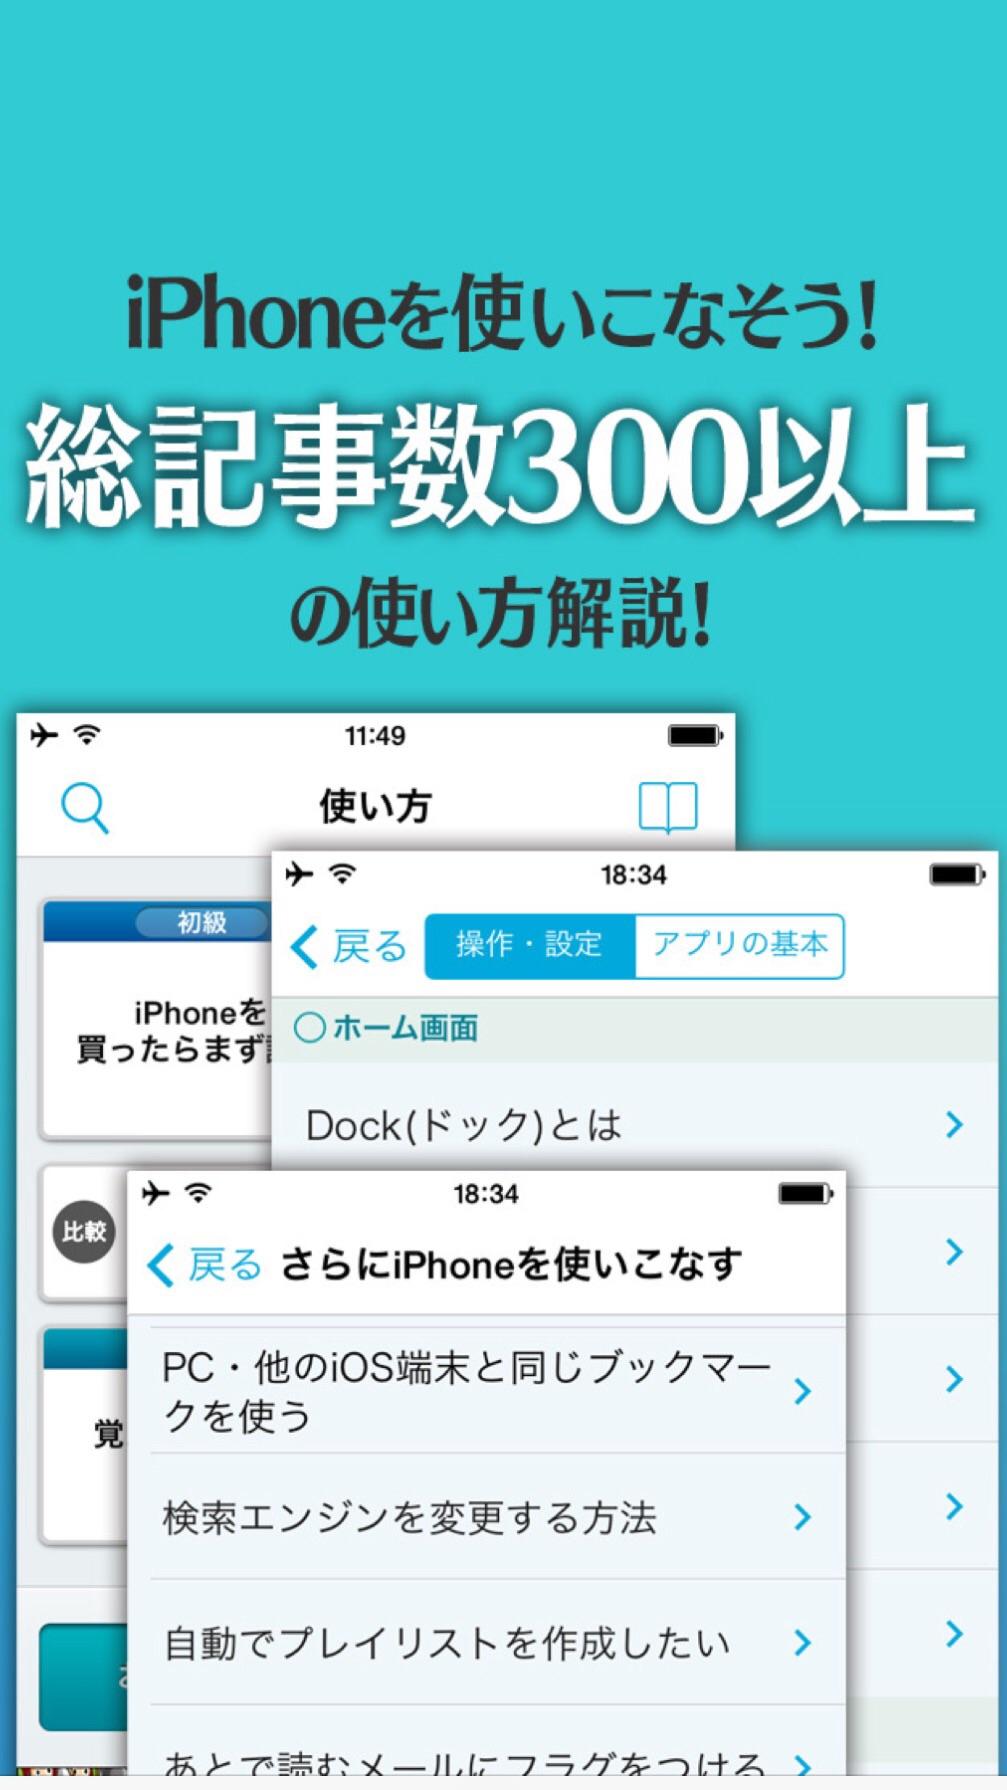 説明書 for iPhone-2